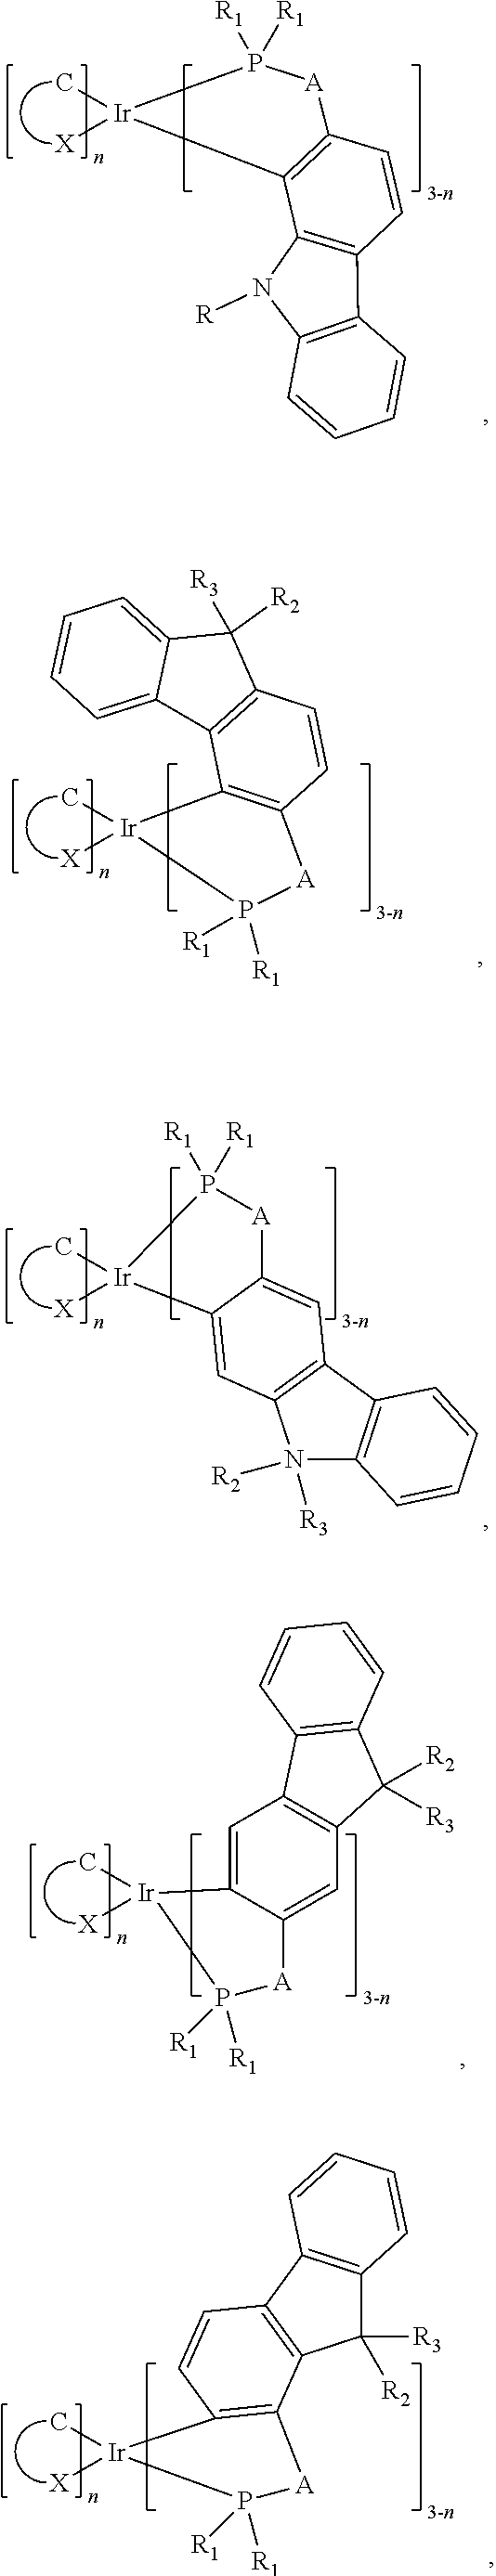 Figure US10121975-20181106-C00229